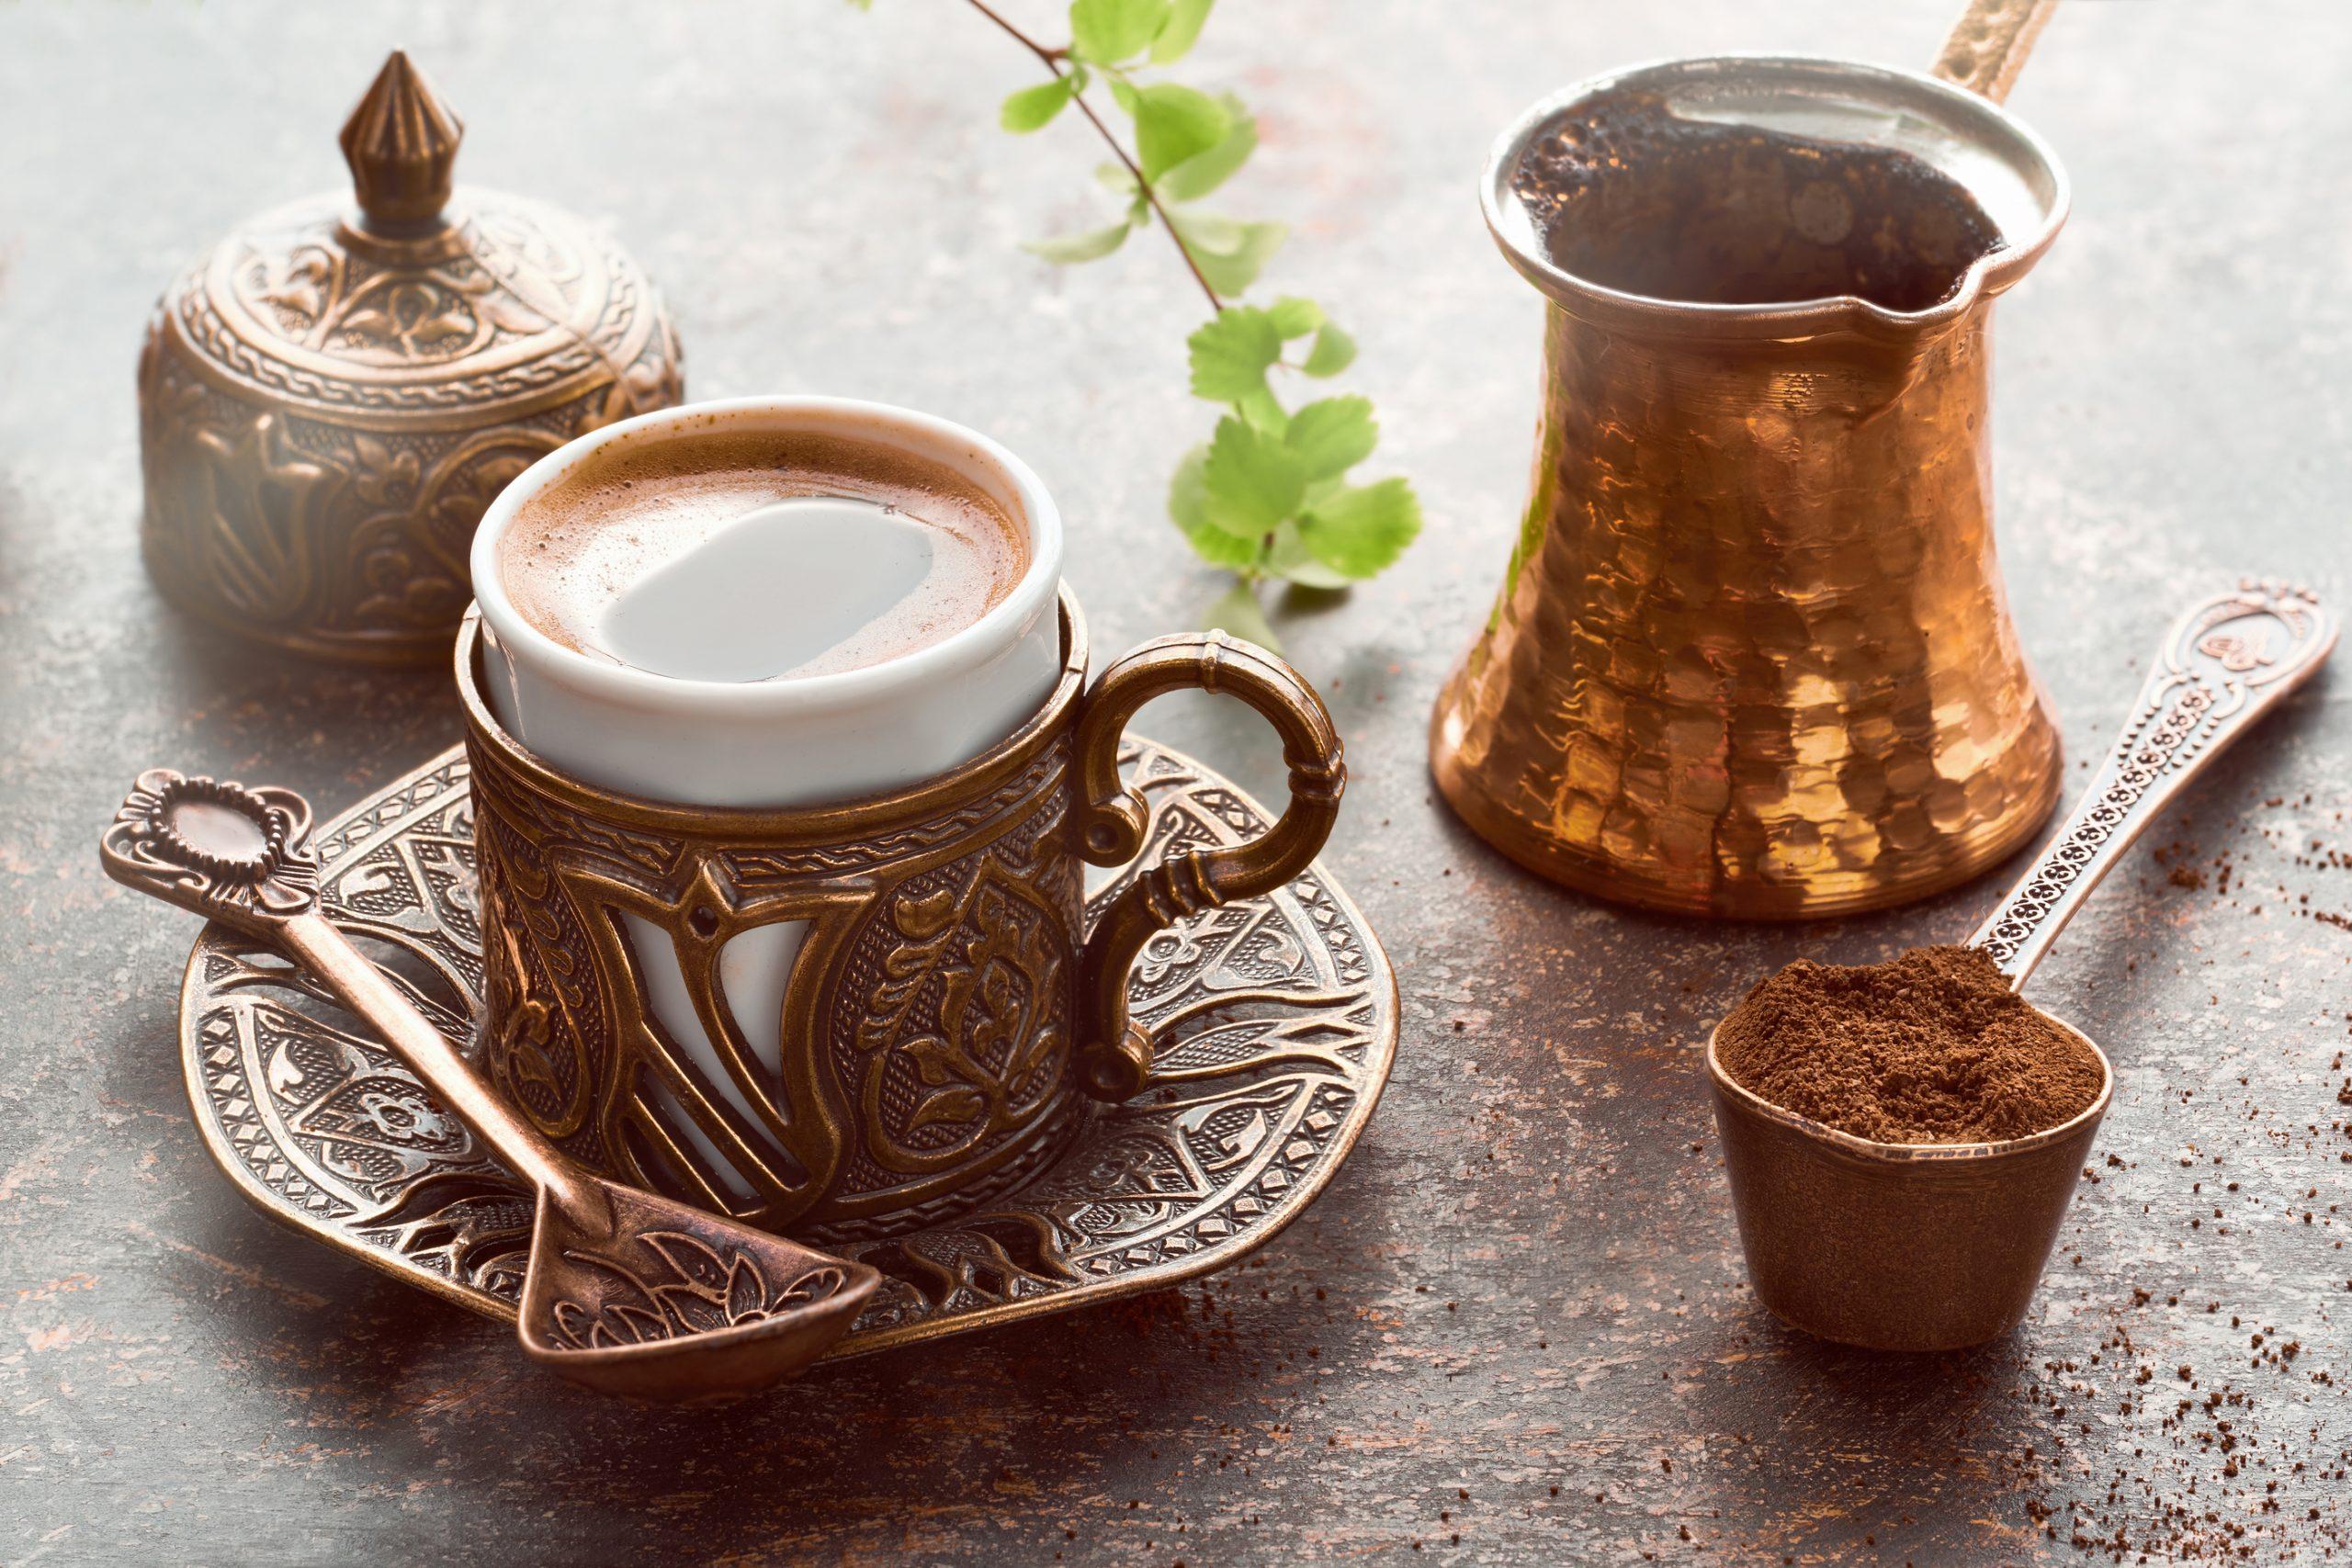 Yazı: Vazgeçilmezimiz Türk Kahvesi   Yazan: Pelin Erem